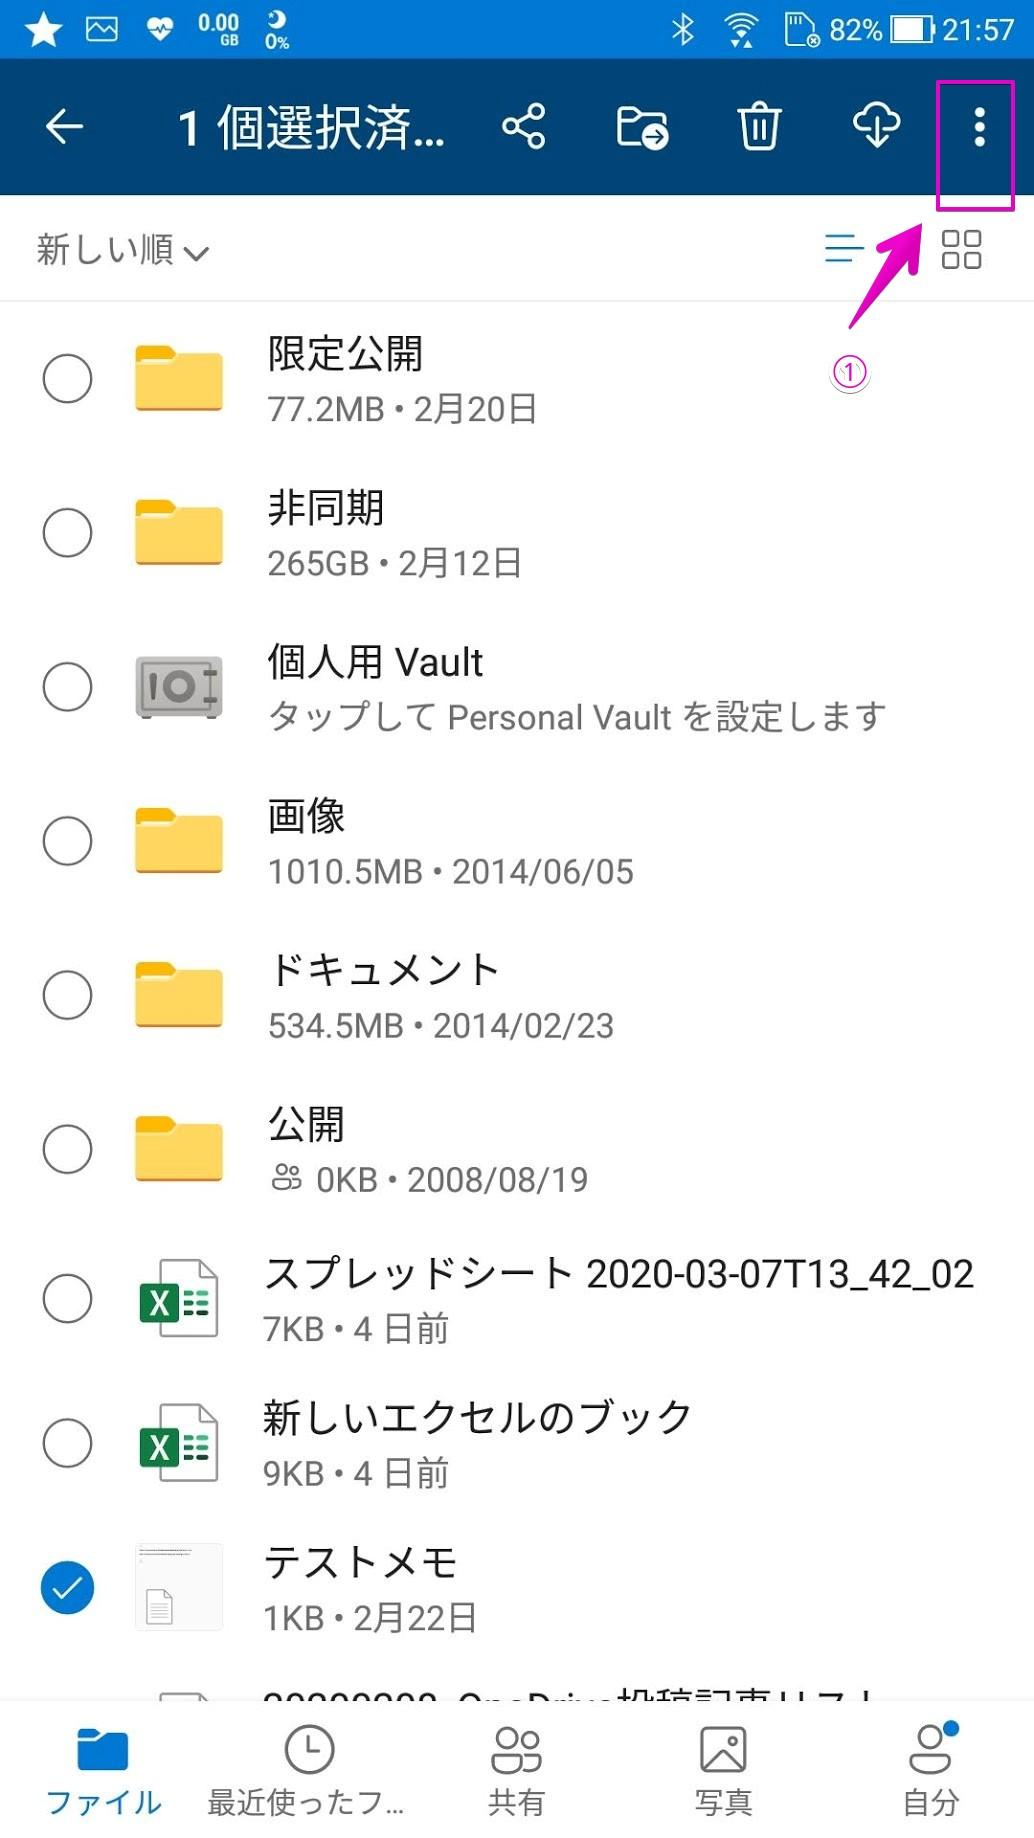 AndroidアプリでOneDriveのフォルダー/ファイルの名前を変更する